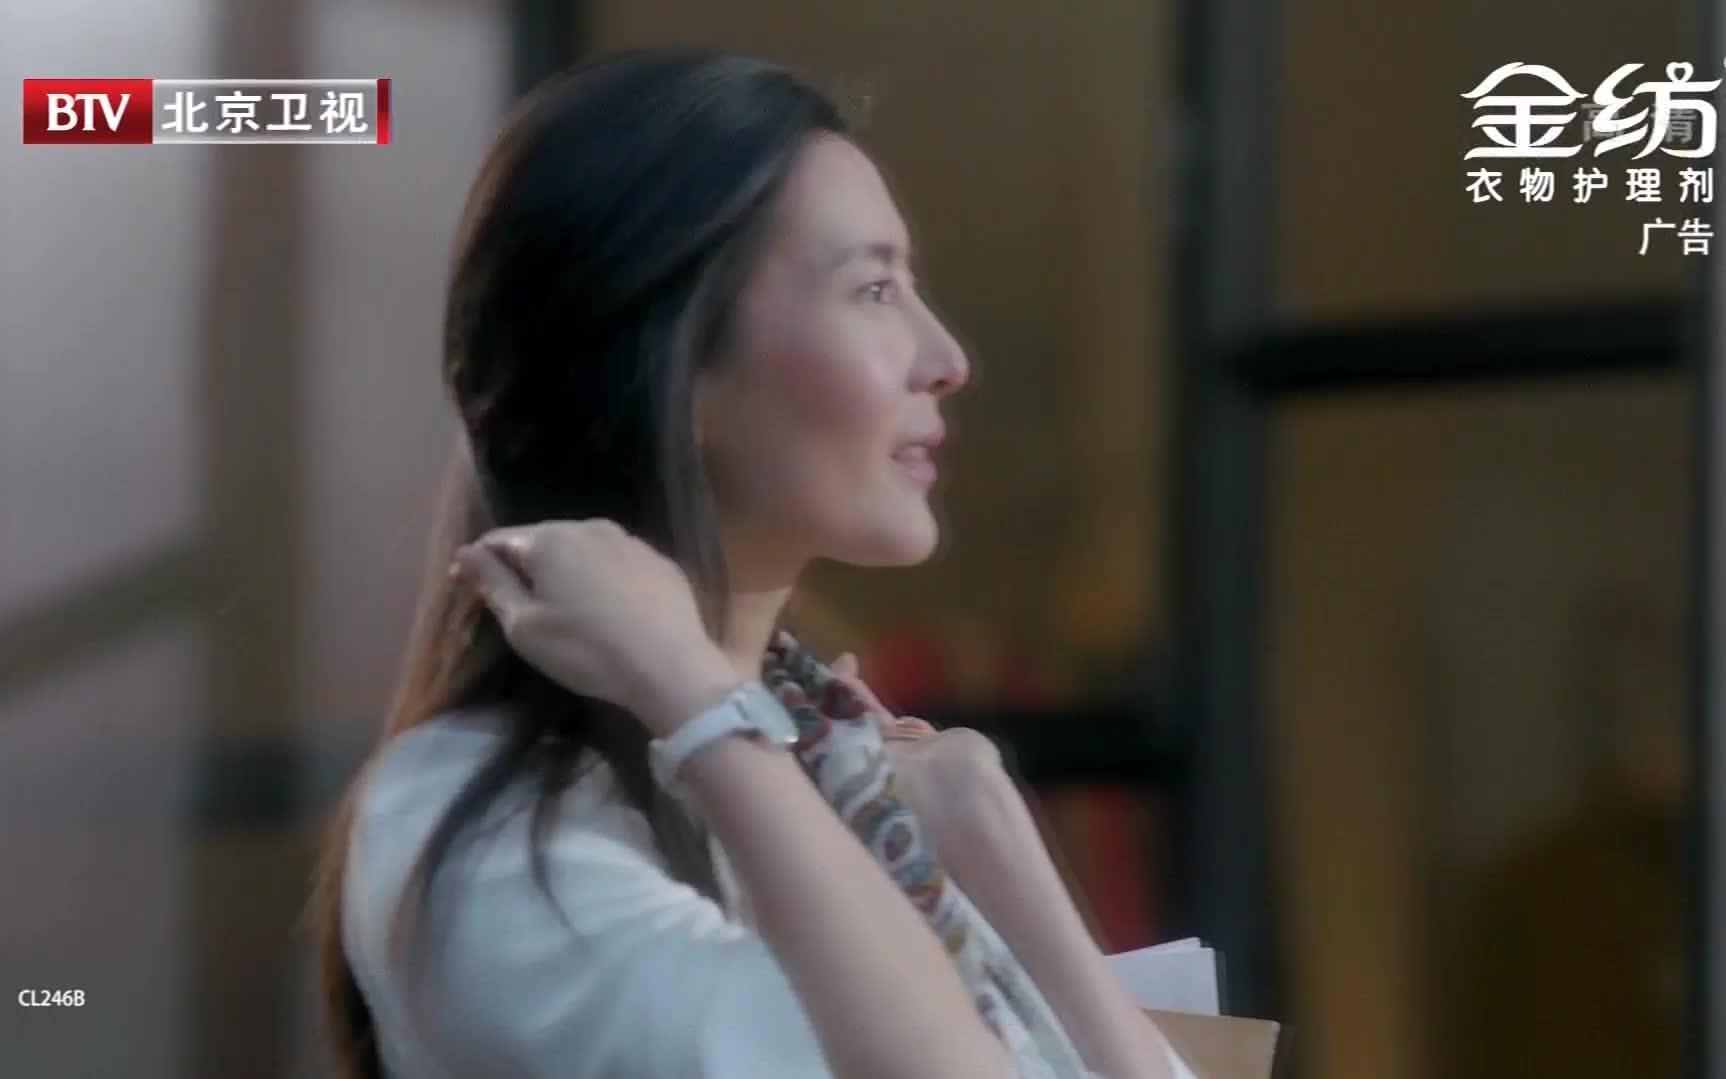 央视广告欣赏-金纺衣物护理剂-4